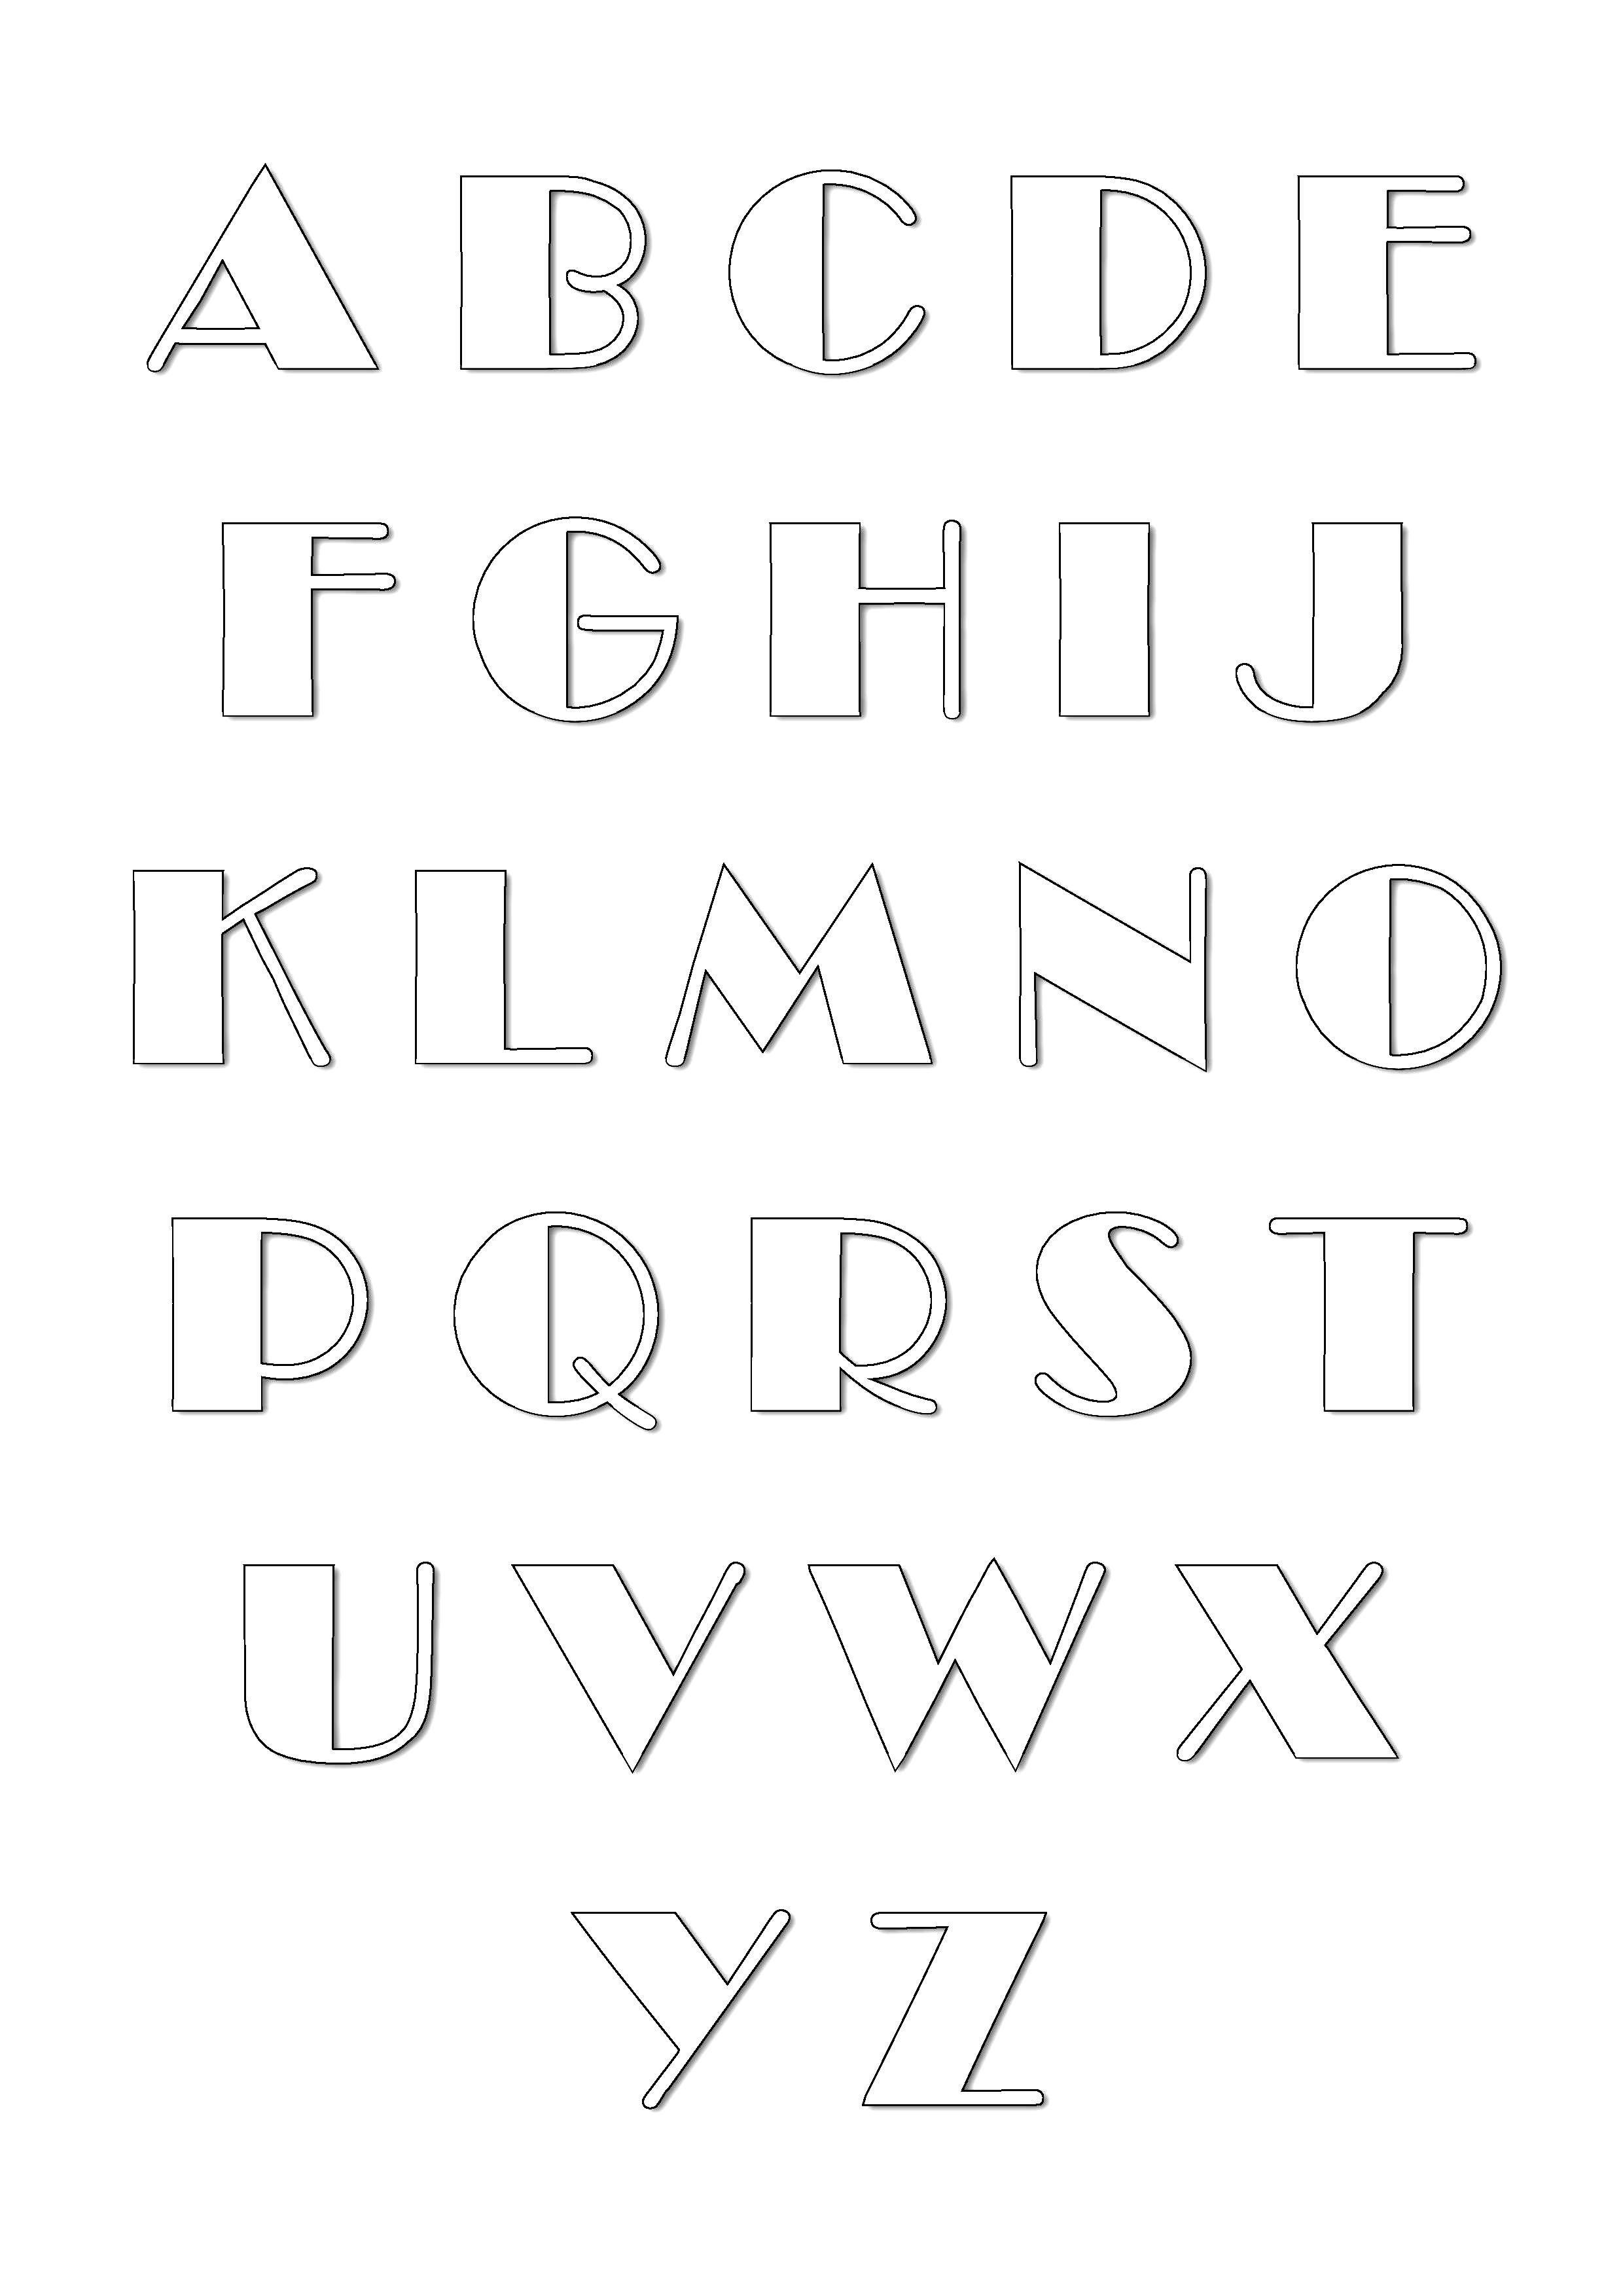 9 Divers Coloriage Lettres Alphabet Pics